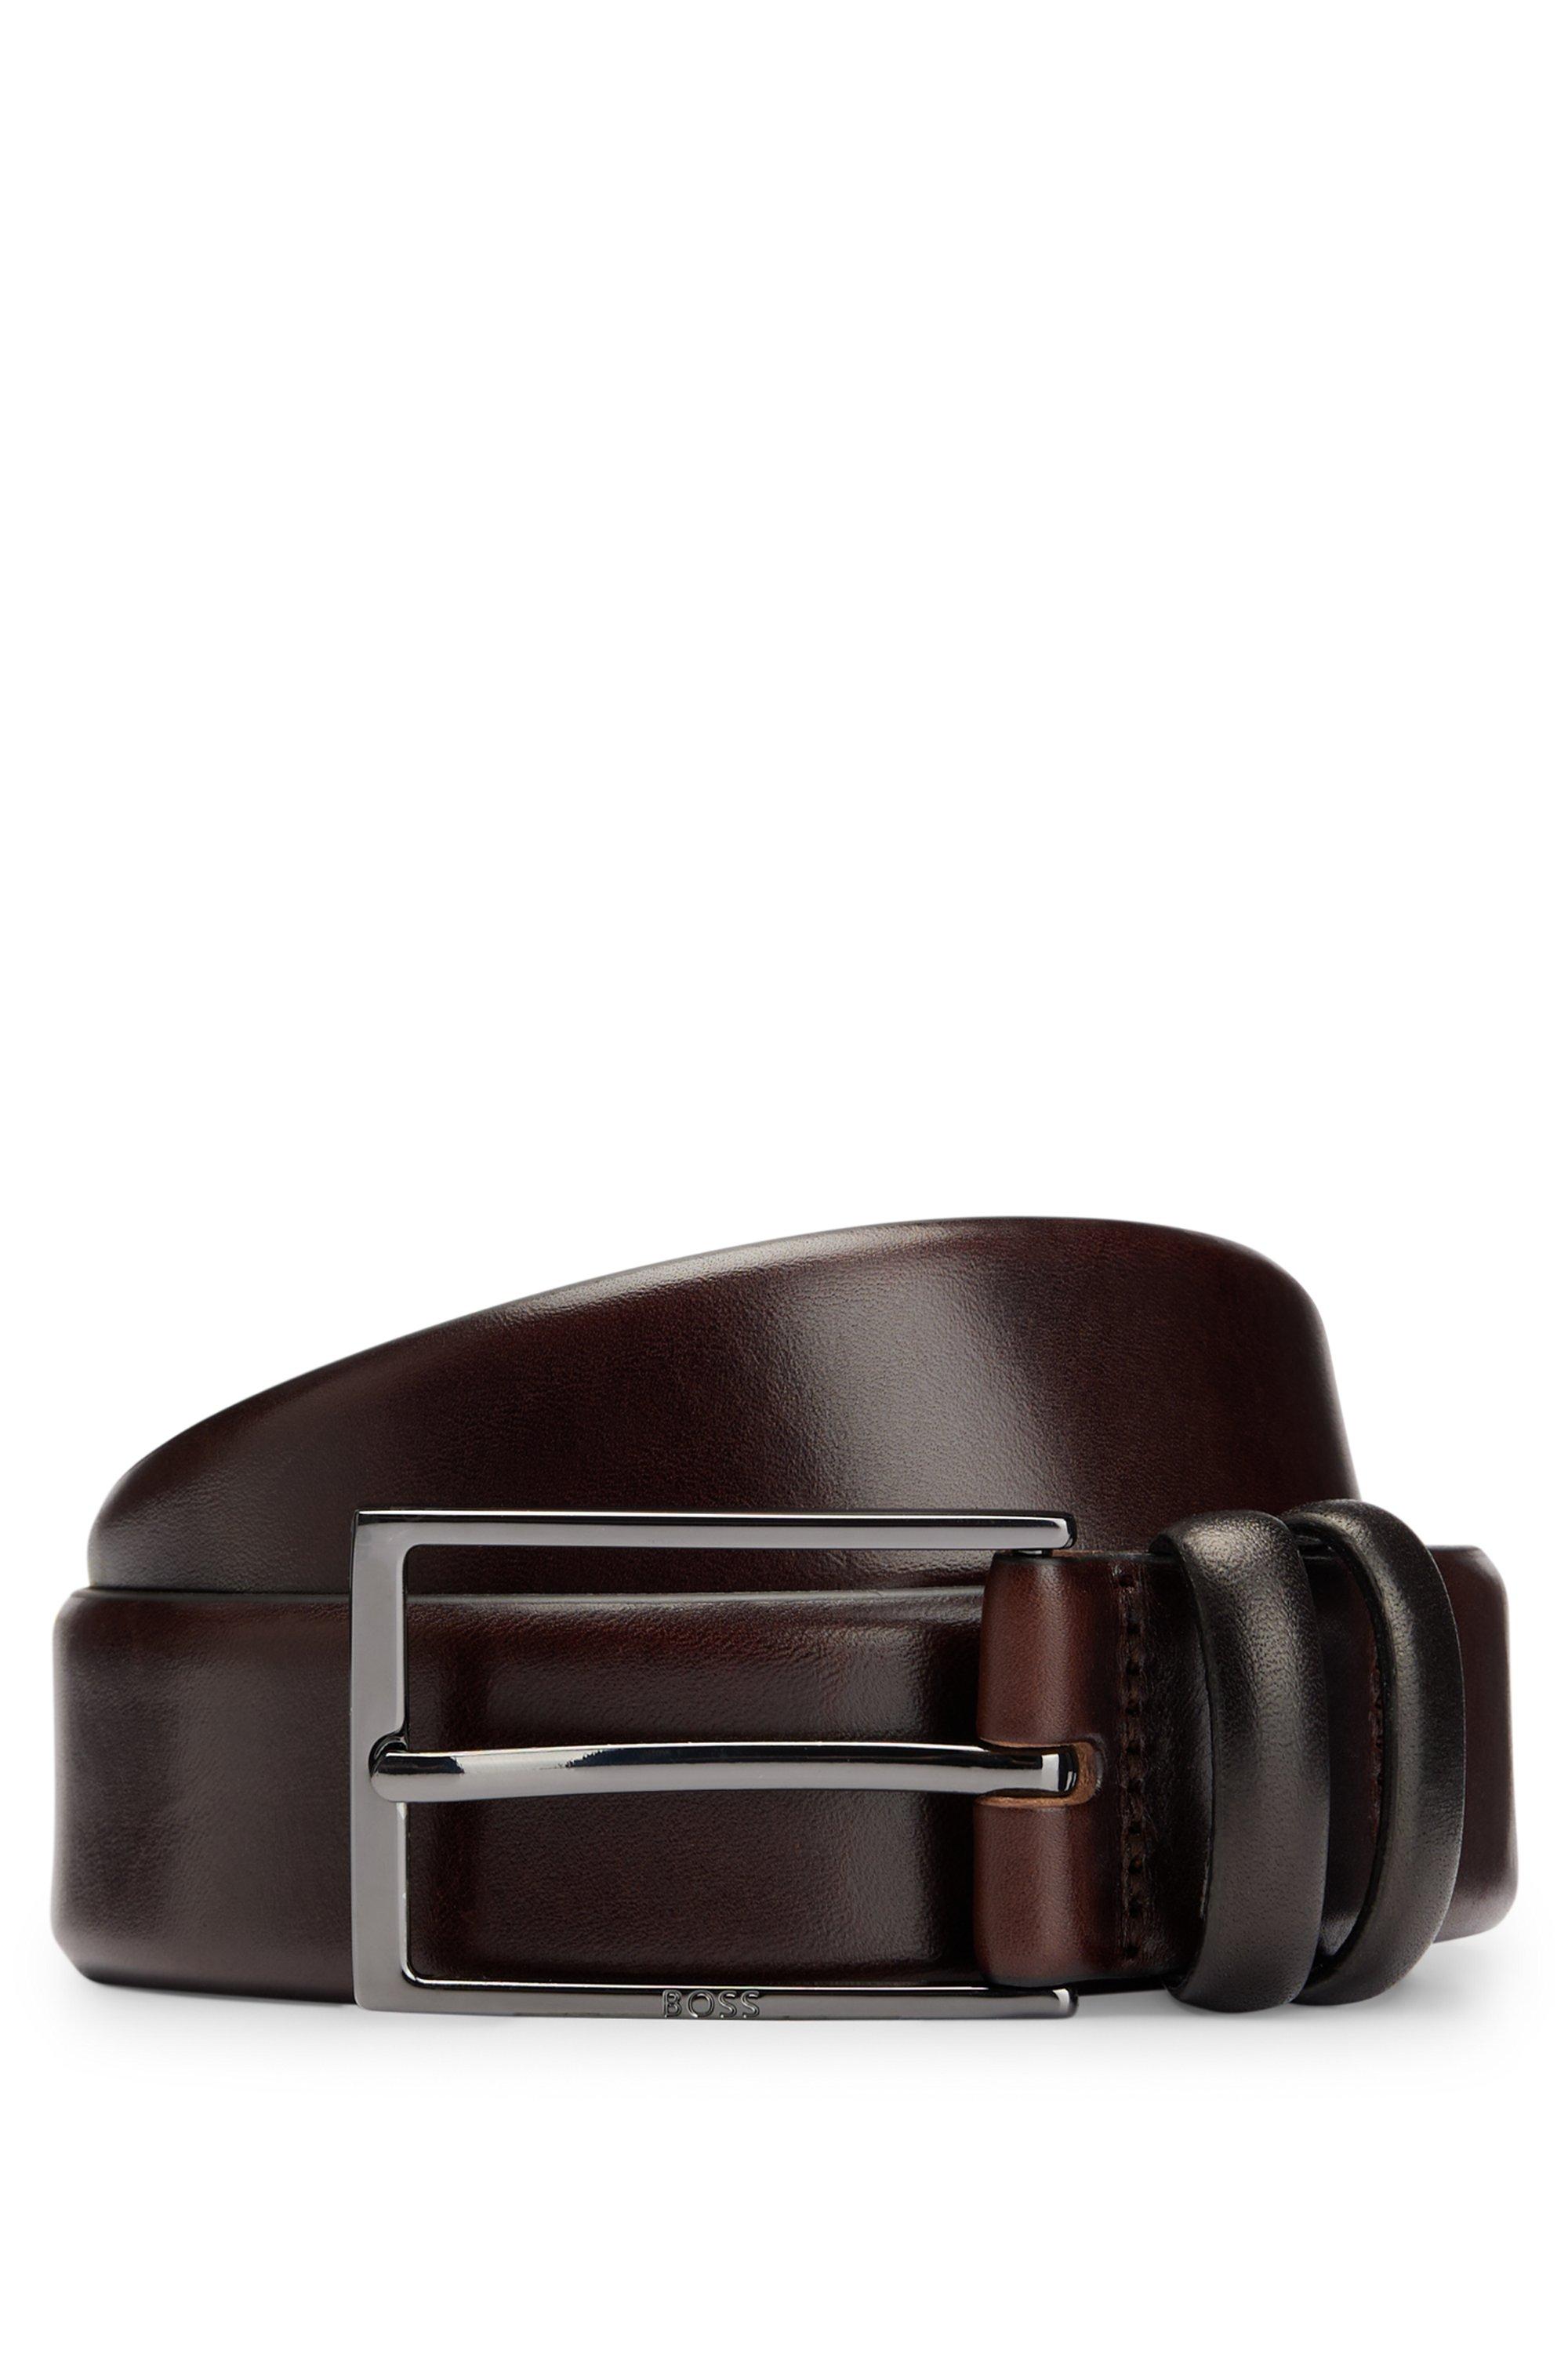 Cinturón de piel de curtido vegetal con herrajes de metal pesado, Marrón oscuro